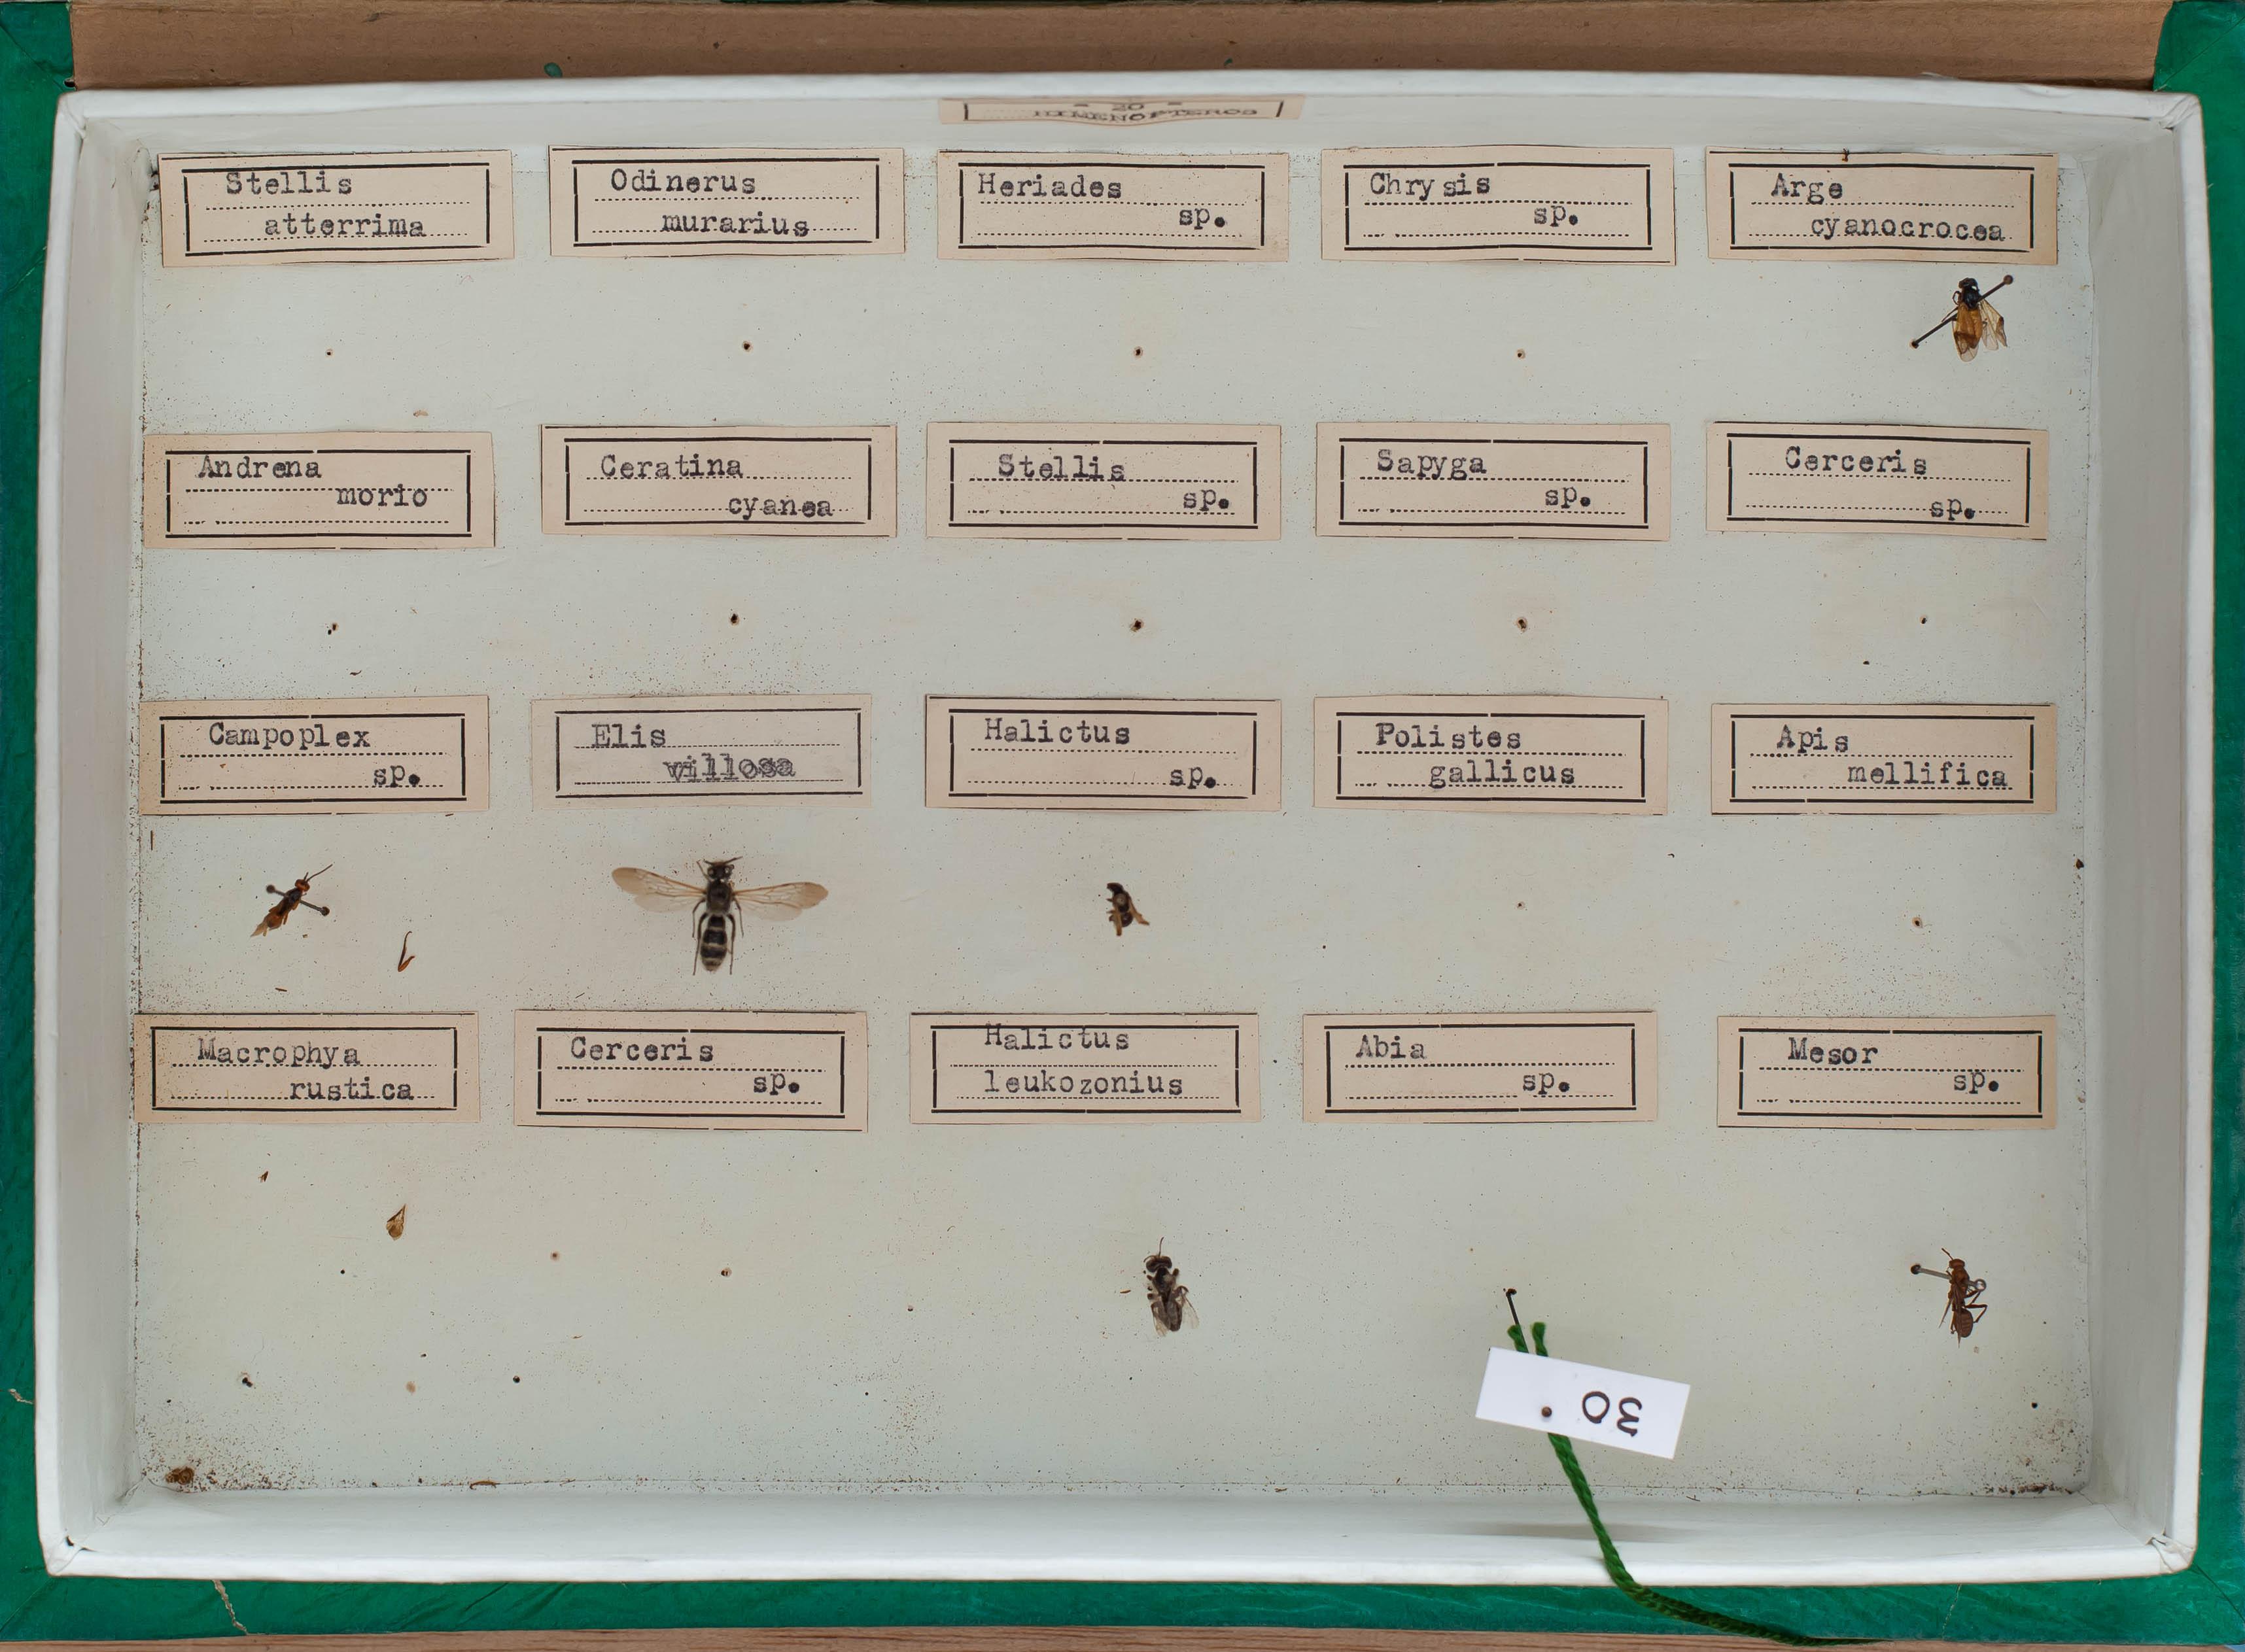 IES_CARDENALCISNEROS_Insectos_022